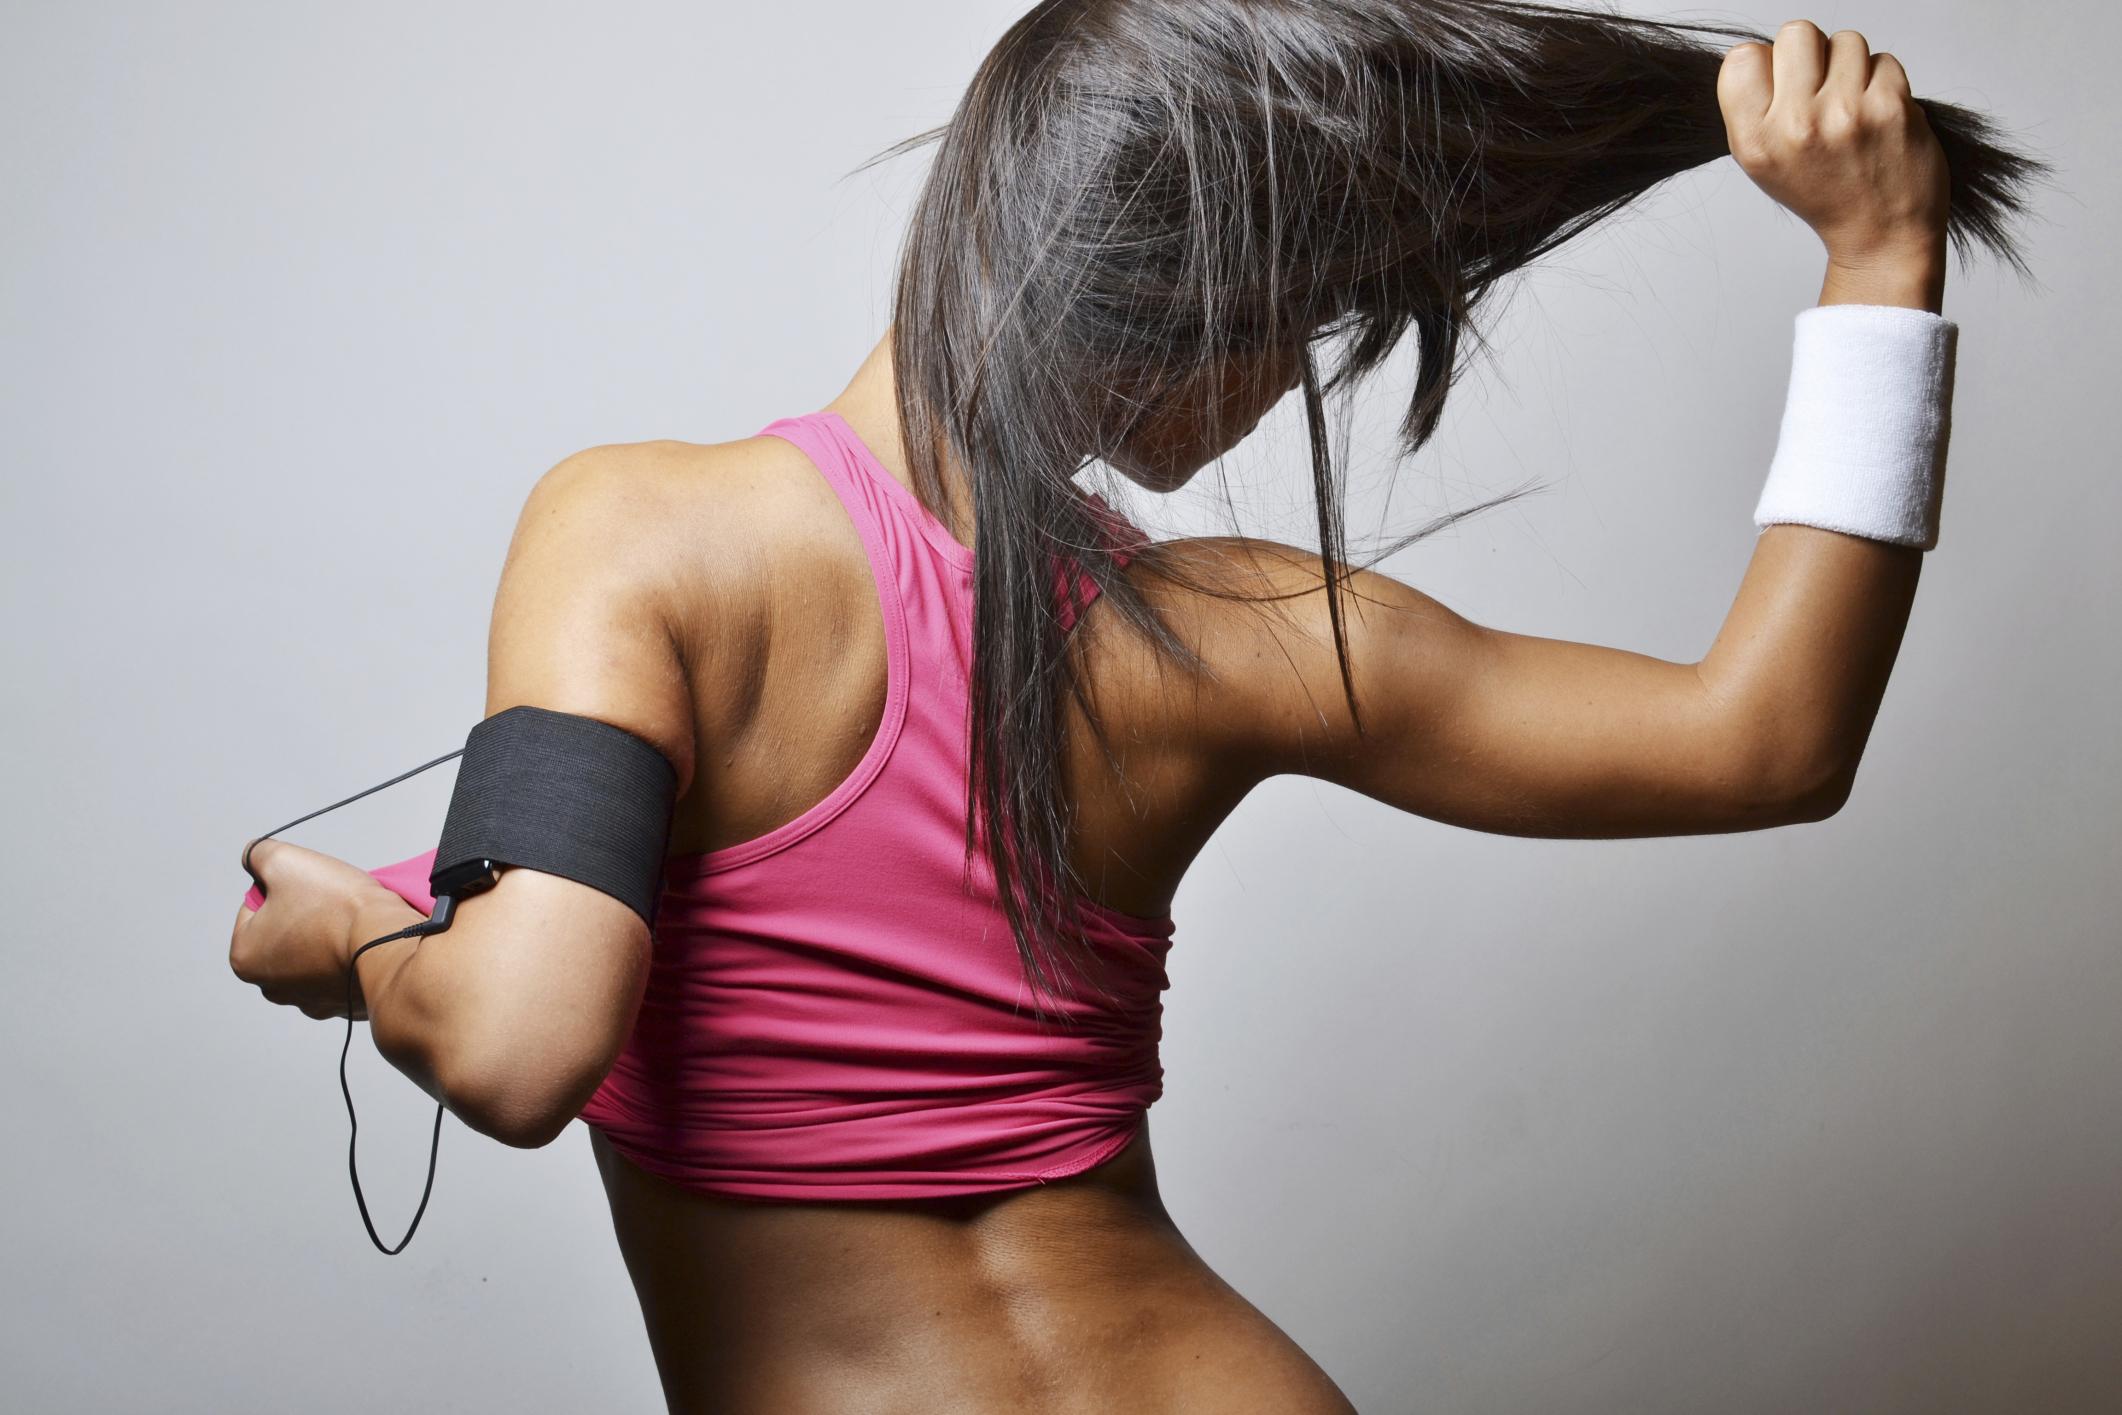 Zumba pentru pierderea în greutate și fitness - Ardeți 500 de calorii într-o zi